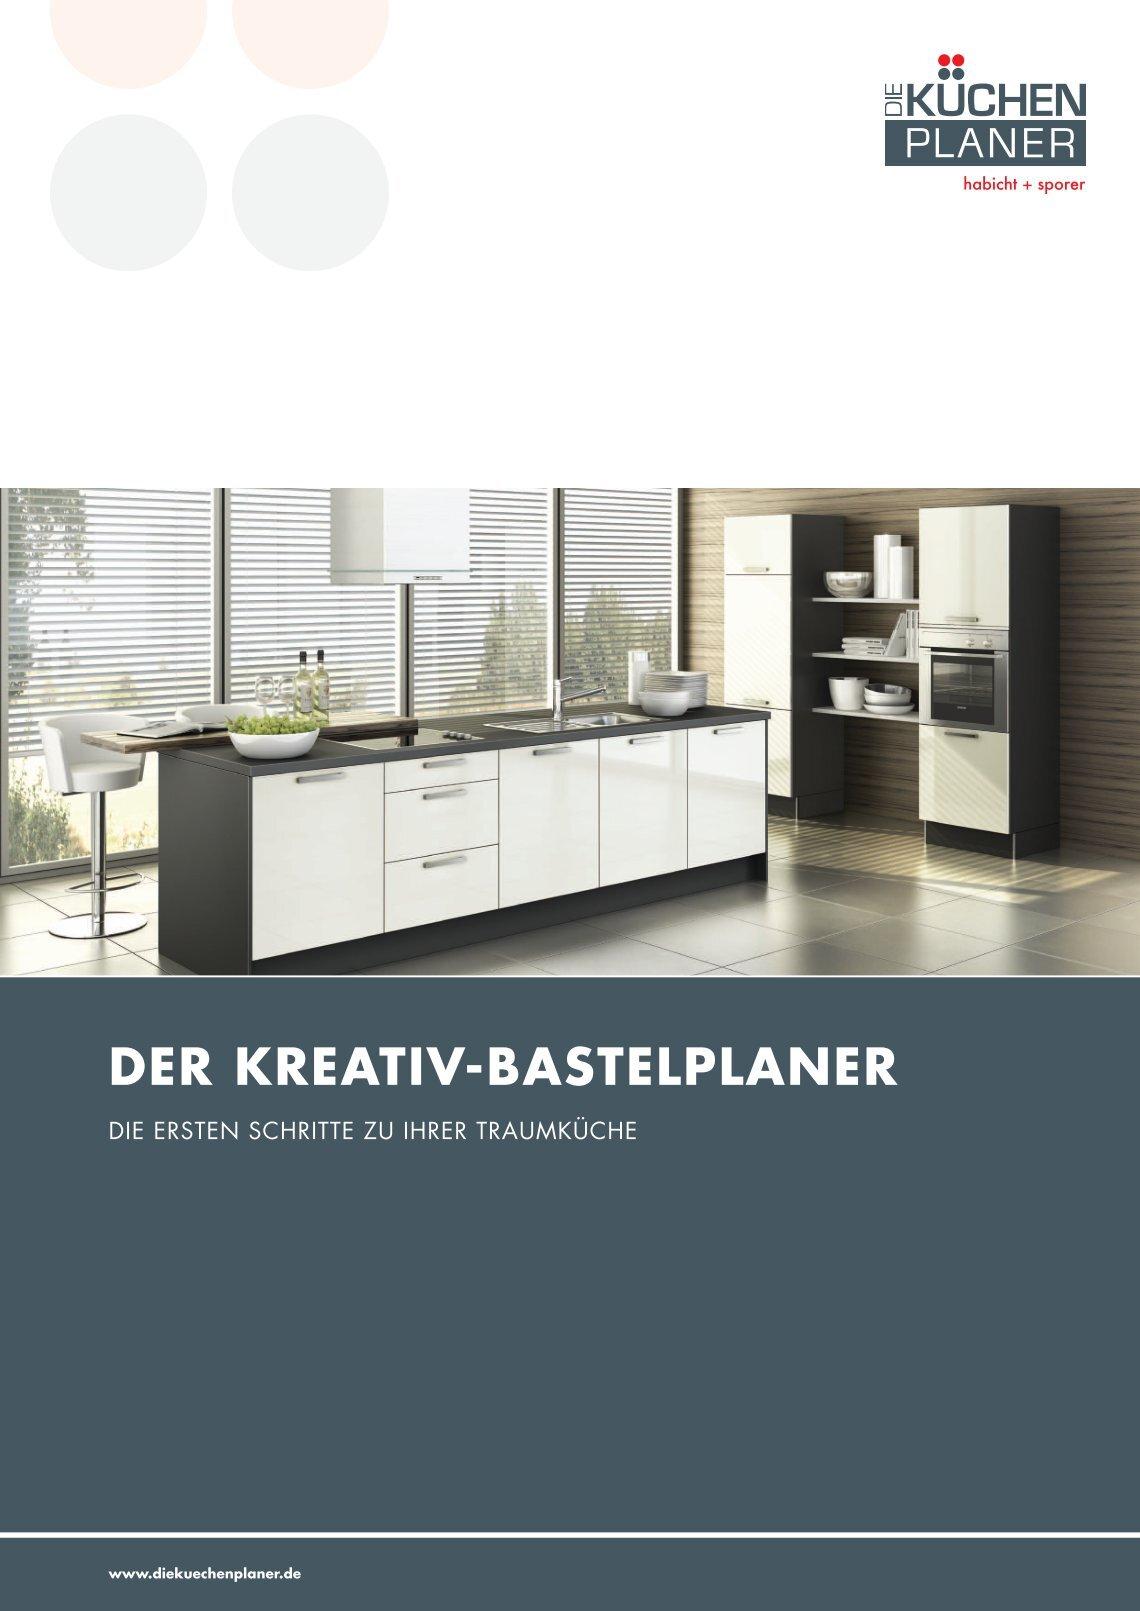 Die Küchenplaner 1 free magazines from diekuechenplaner de